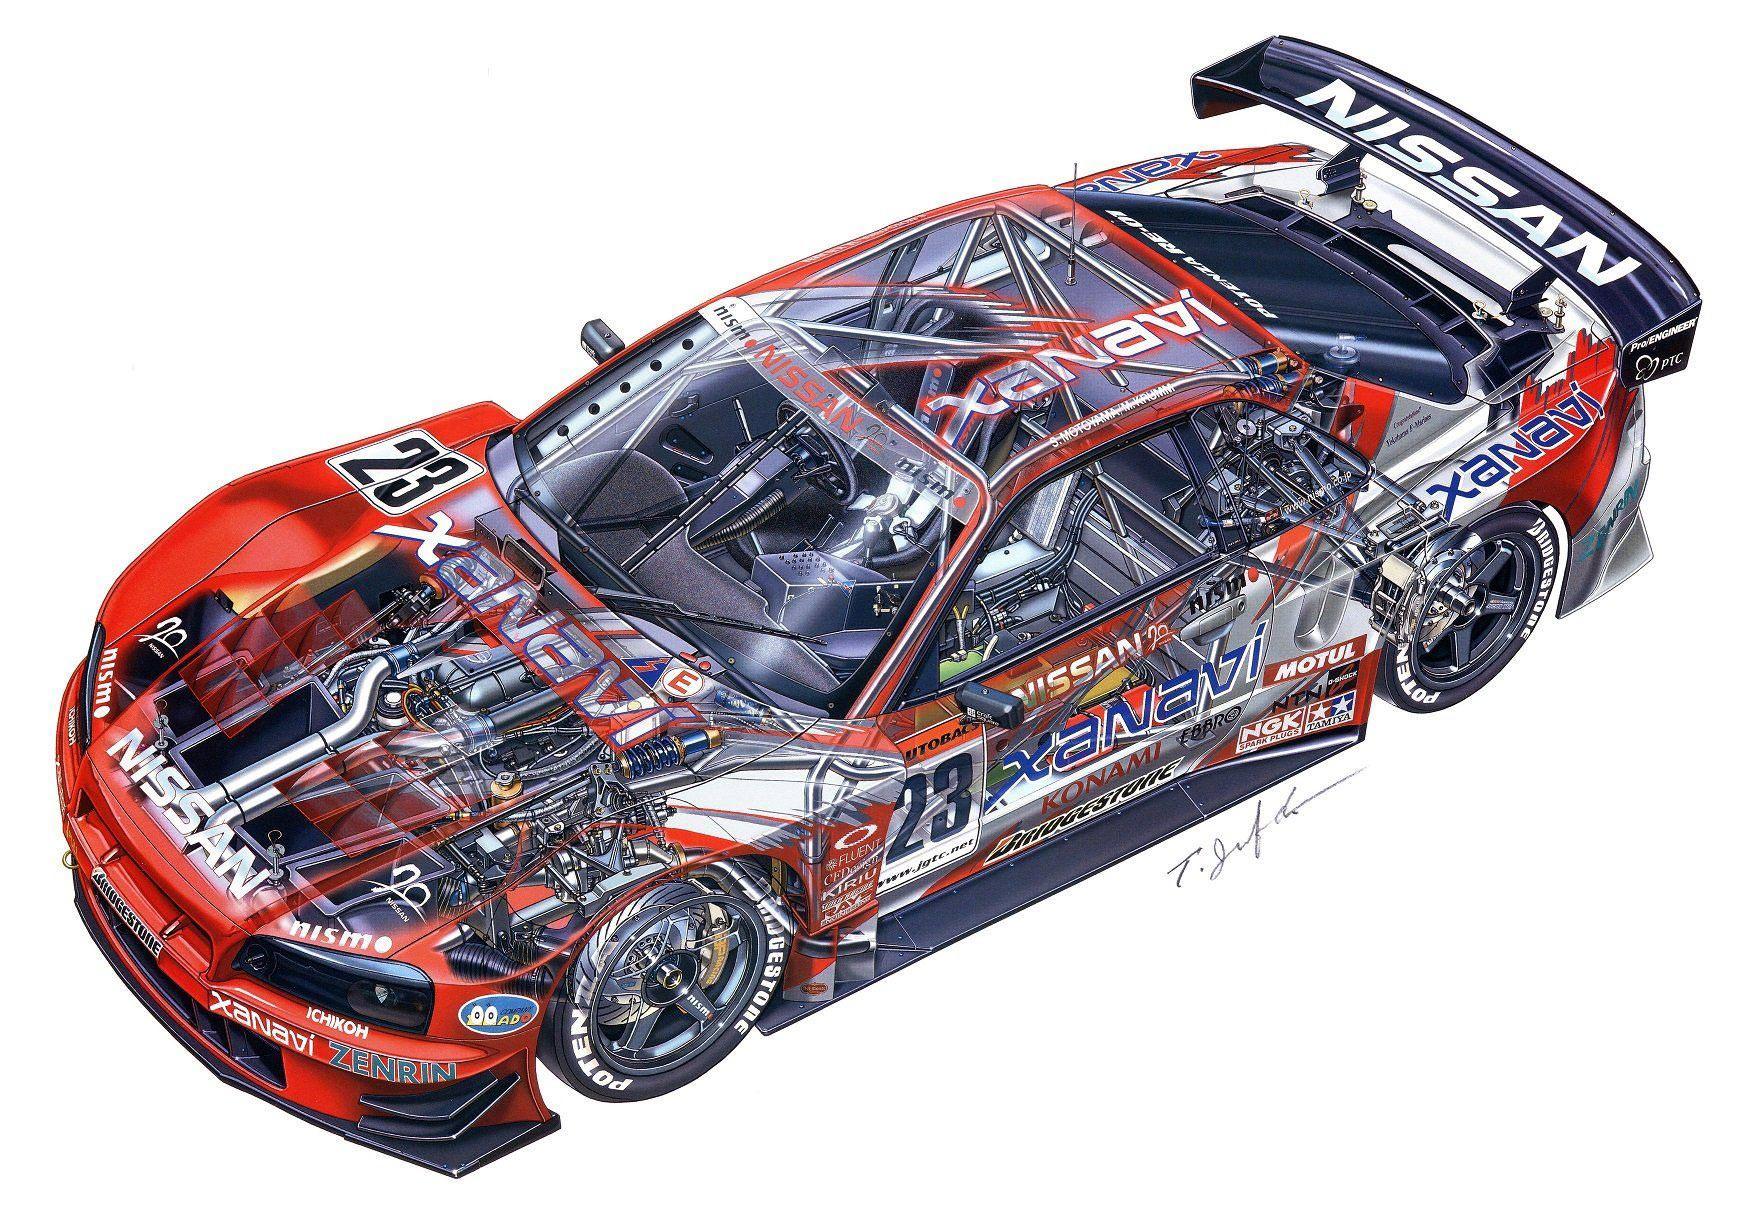 Nissan Skyline GT-R Cutaway